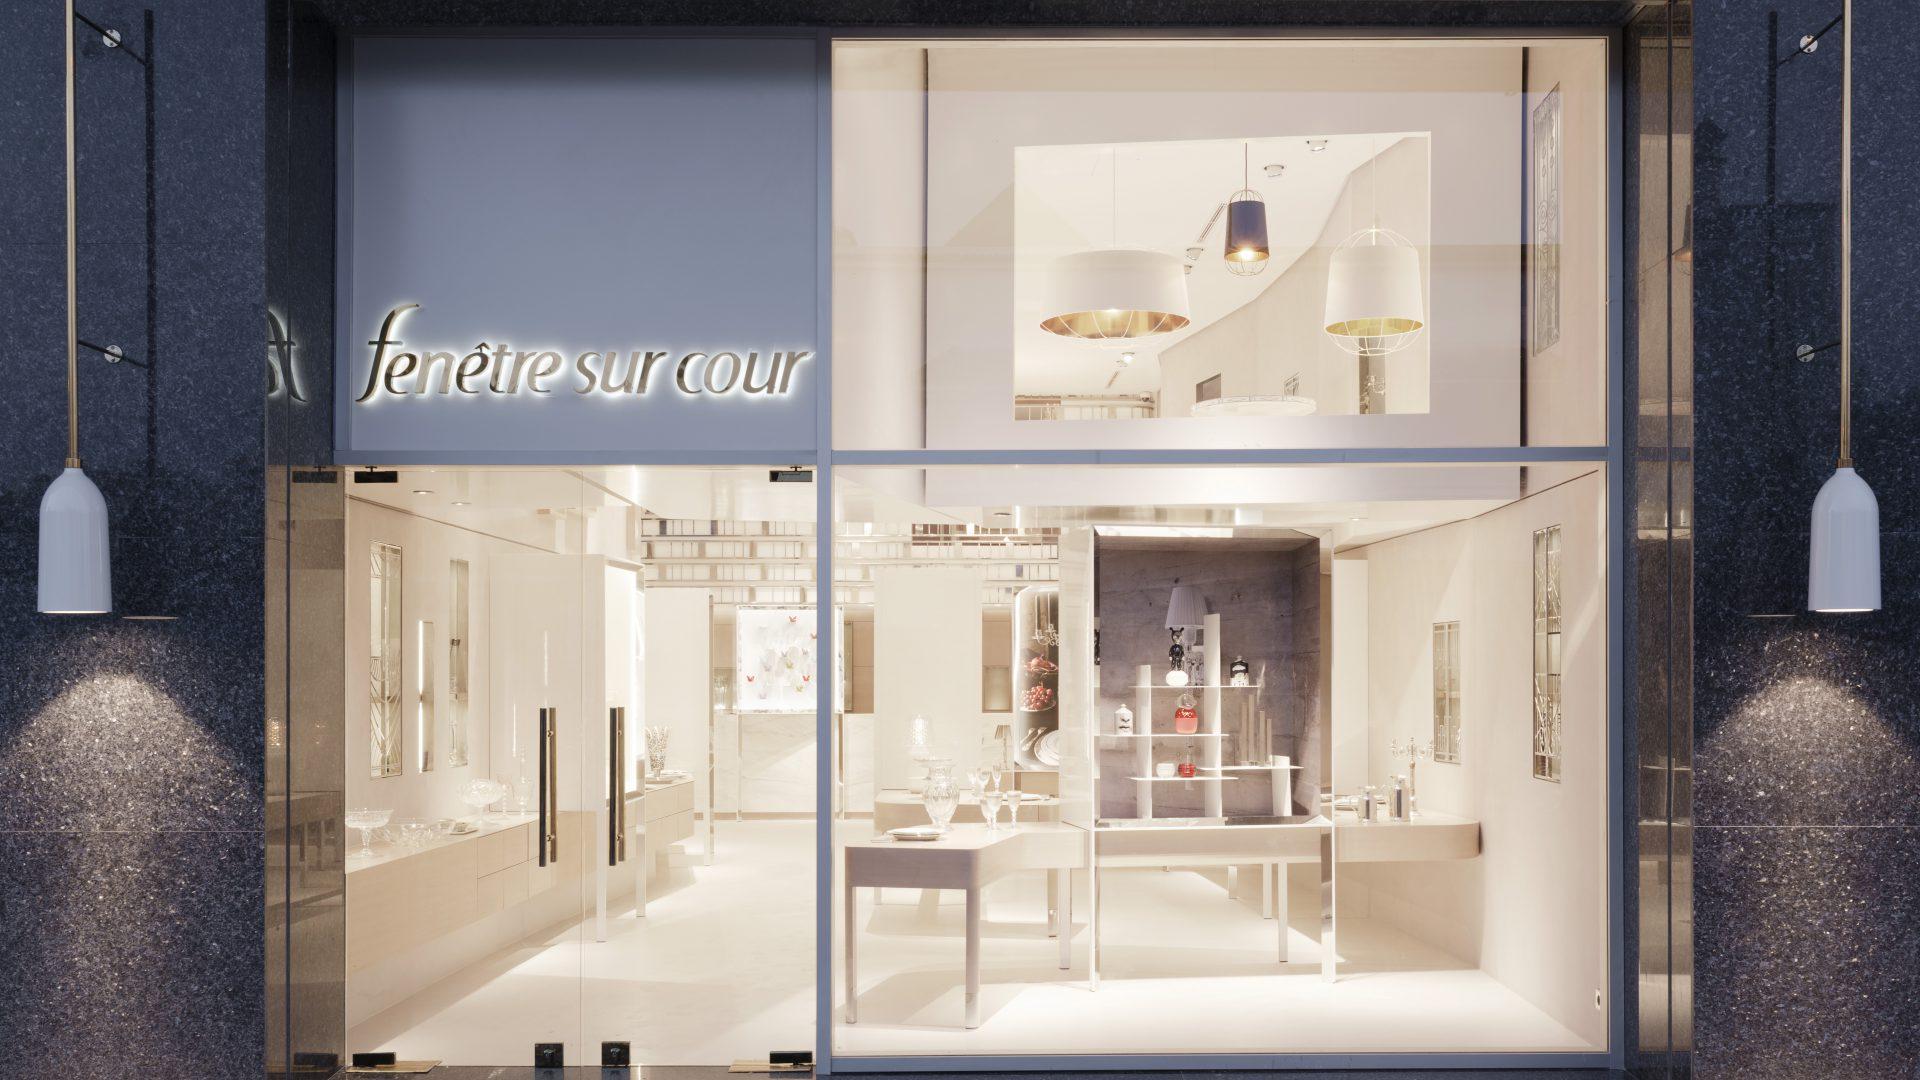 Fen tre sur cour rabat rf studio agence de design for Fenetre sur cour casablanca